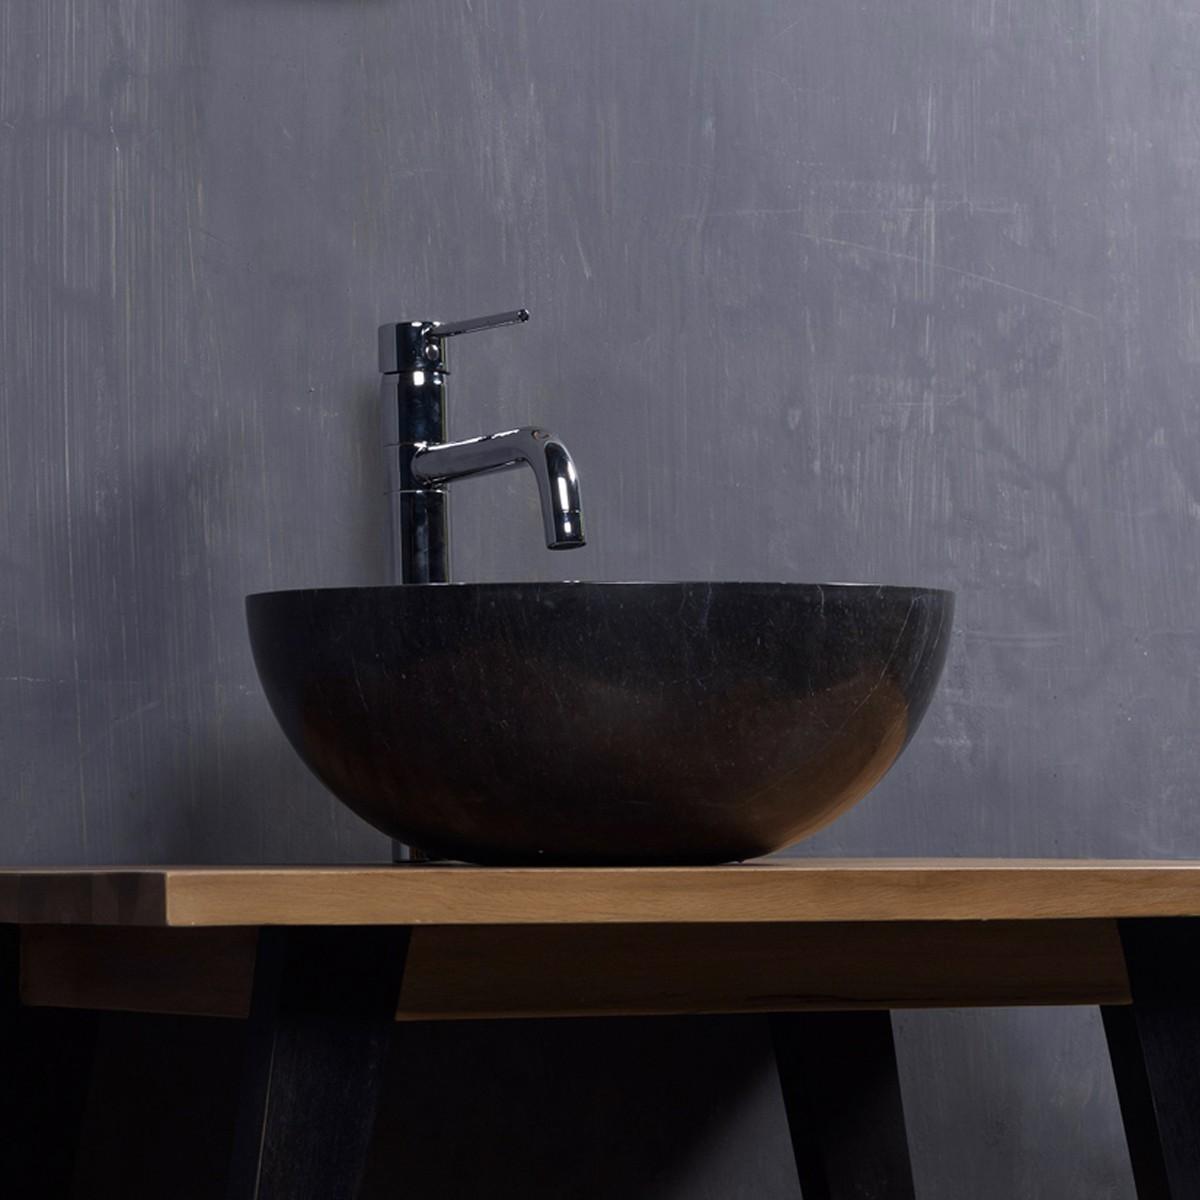 ensemble de salle de bain en bois de teck 150 cm - Ensemble Salle De Bain Teck